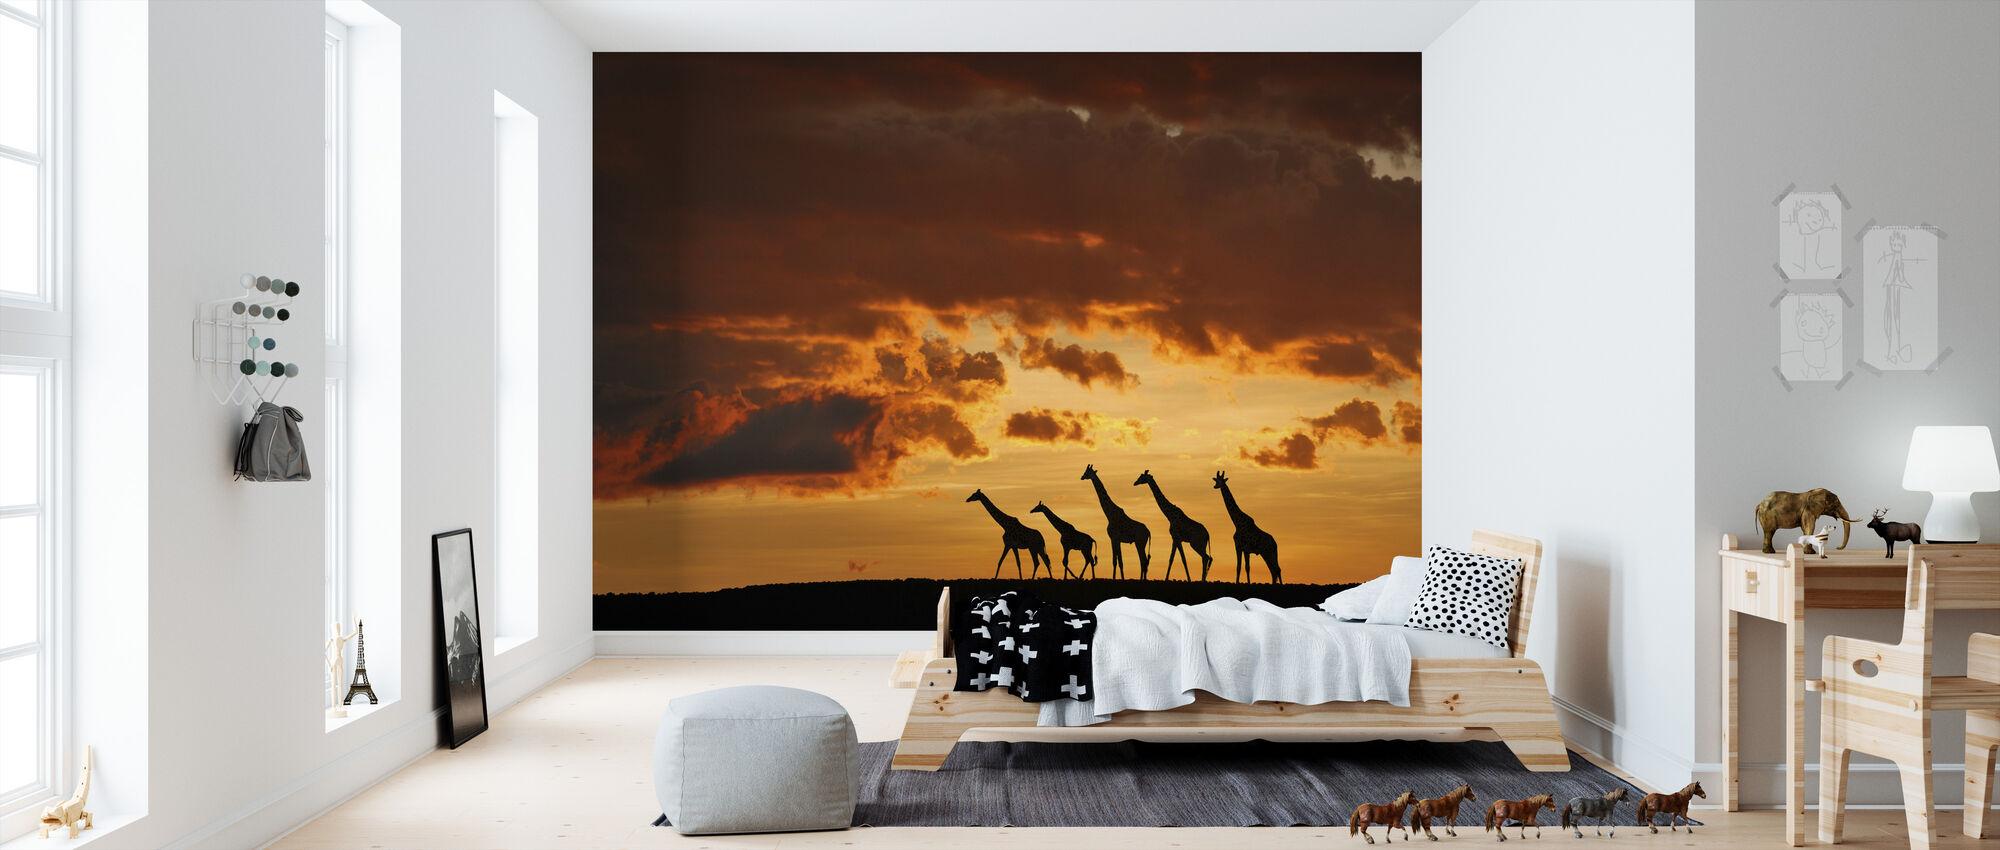 Fem giraffer - Tapet - Børneværelse